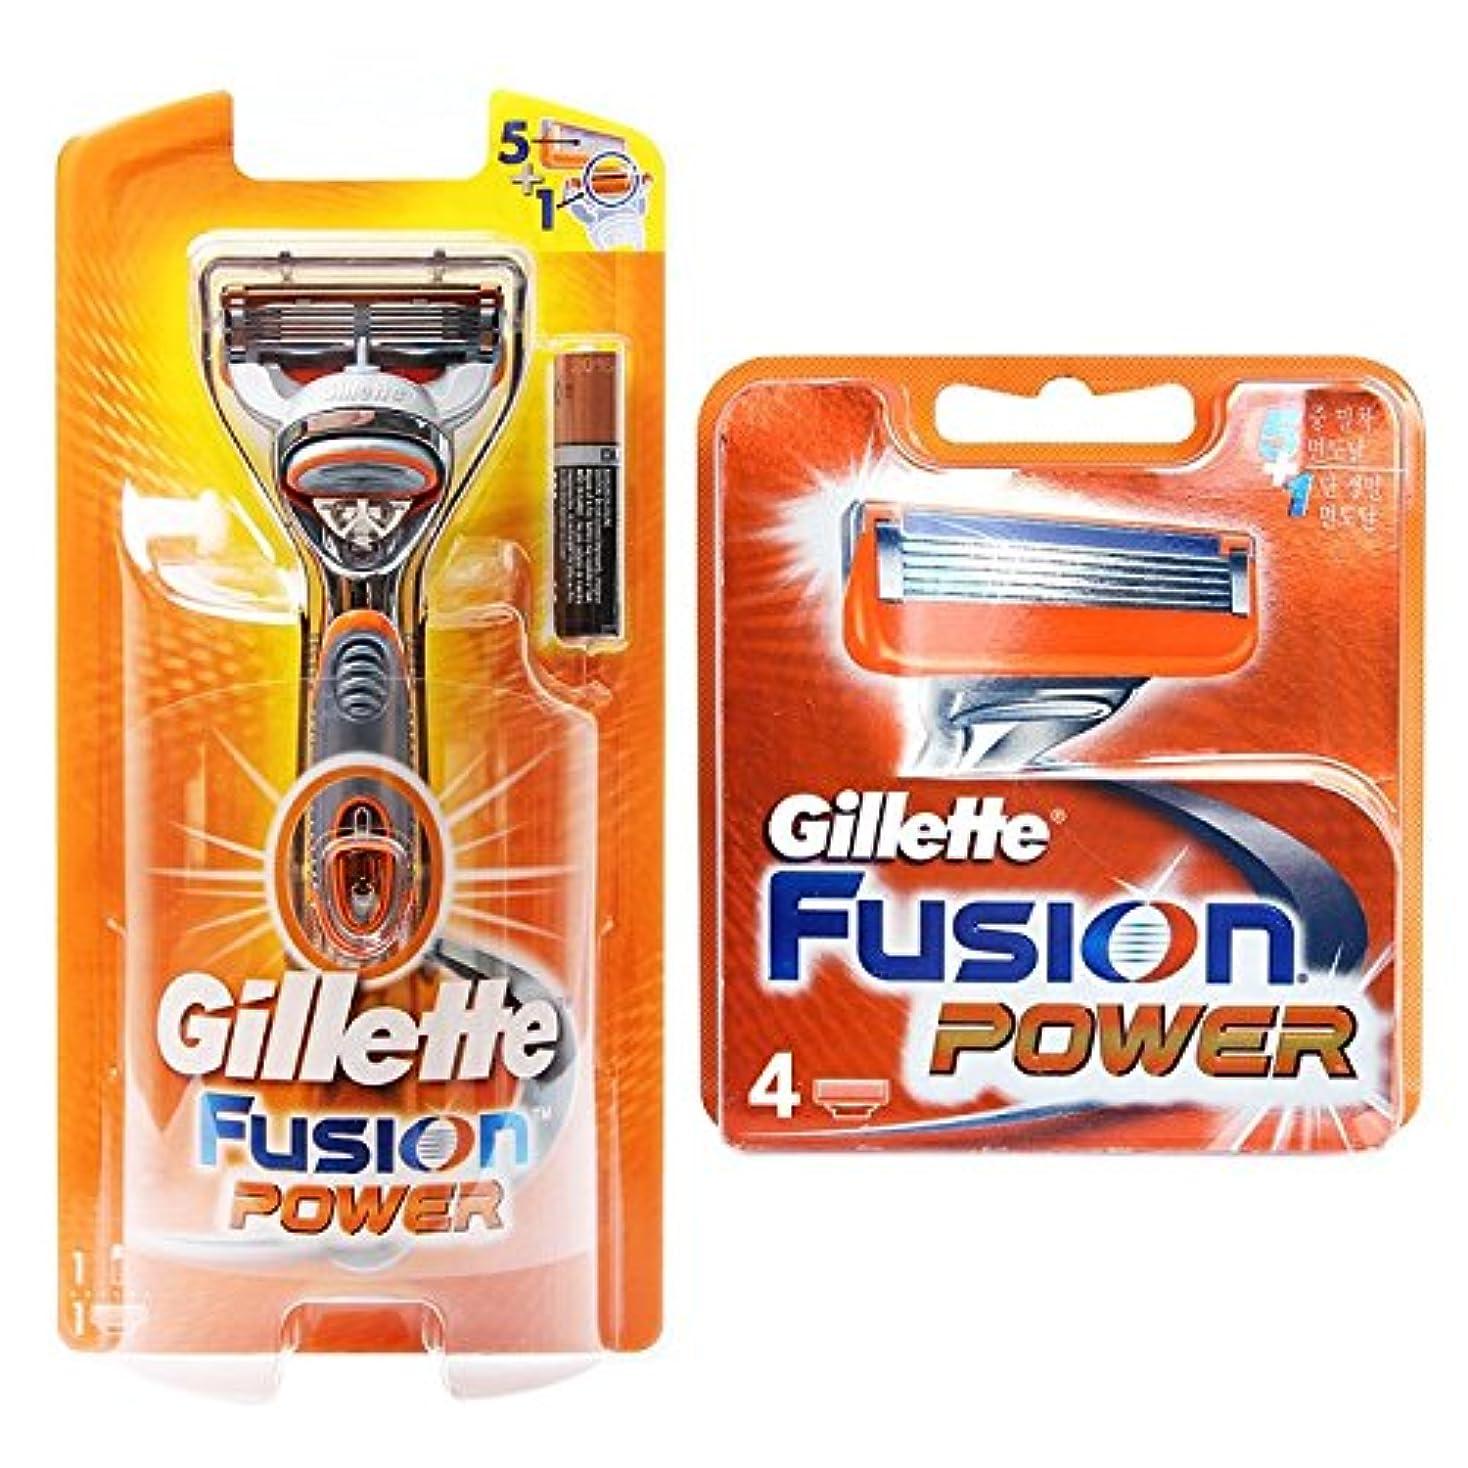 マイルハッチマージGillette Fusion Power 1レイザー+4カートリッジリフィルブレイド [並行輸入品]